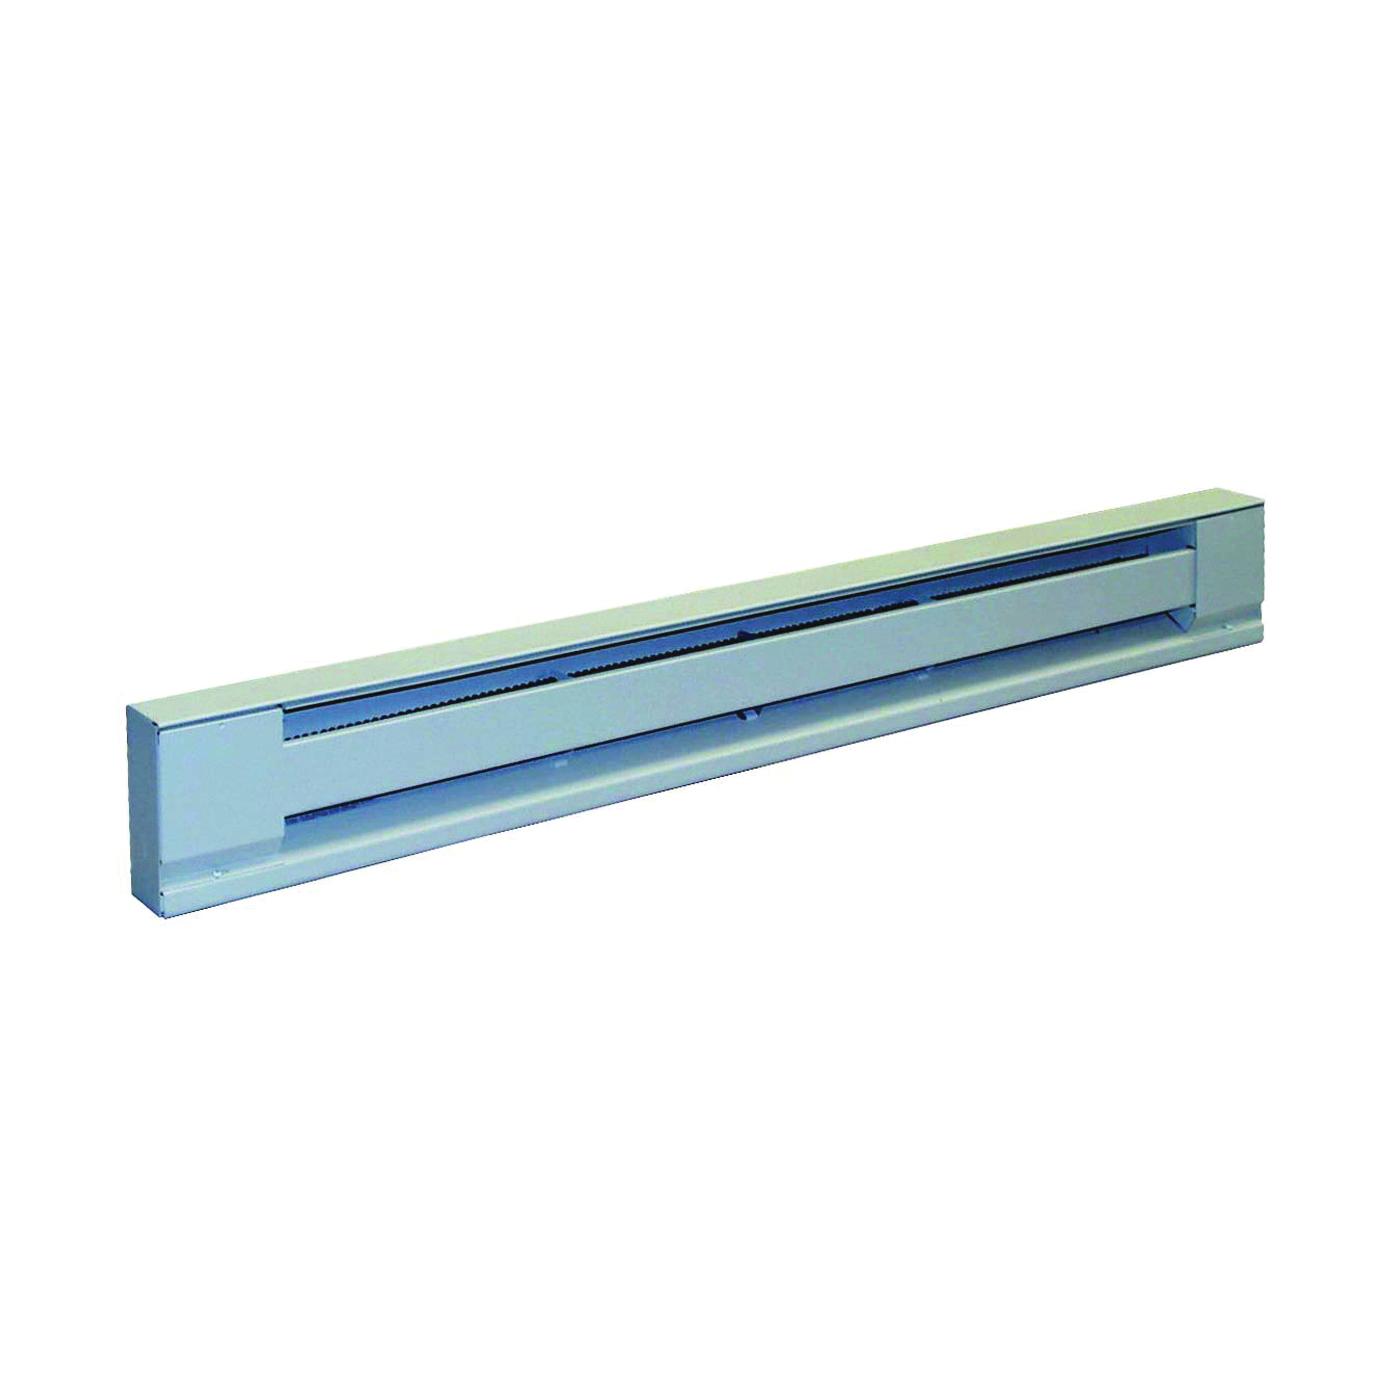 Picture of TPI 2900S Series H2905-028SW Baseboard Heater, 2.1/1.8 A, 208/240 V, 1706/1275 Btu/hr BTU, White